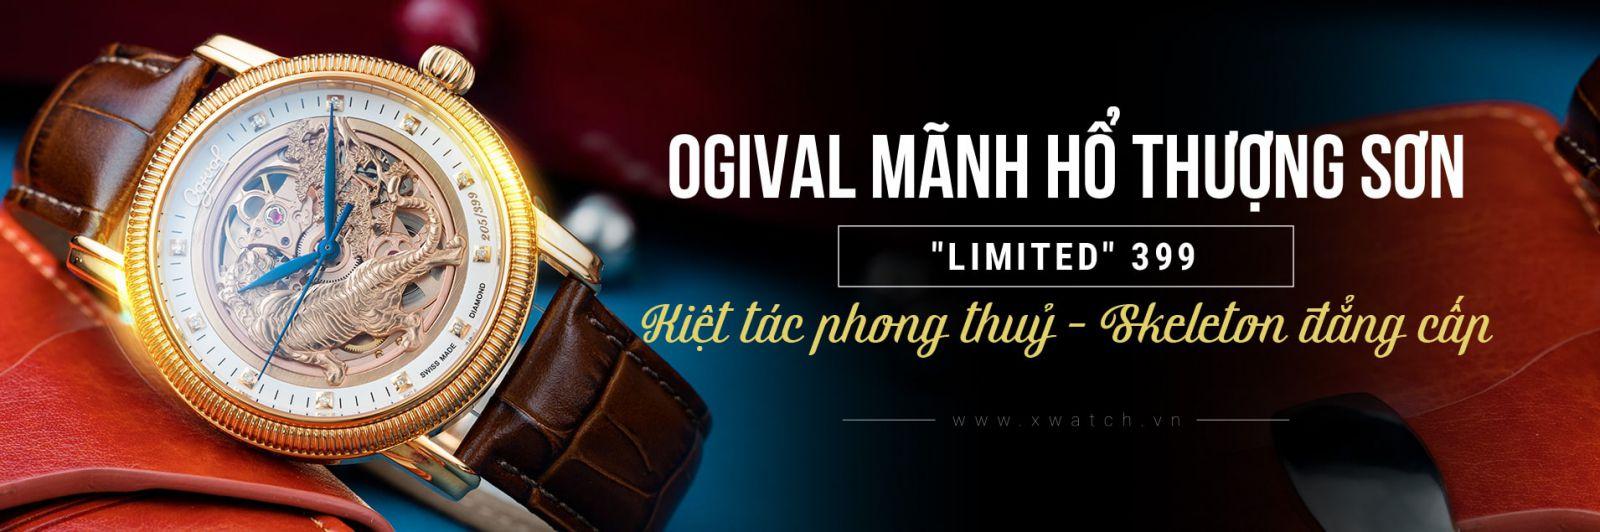 Ogival Mãnh Hổ Thượng Sơn OG358.53A42GR-GL